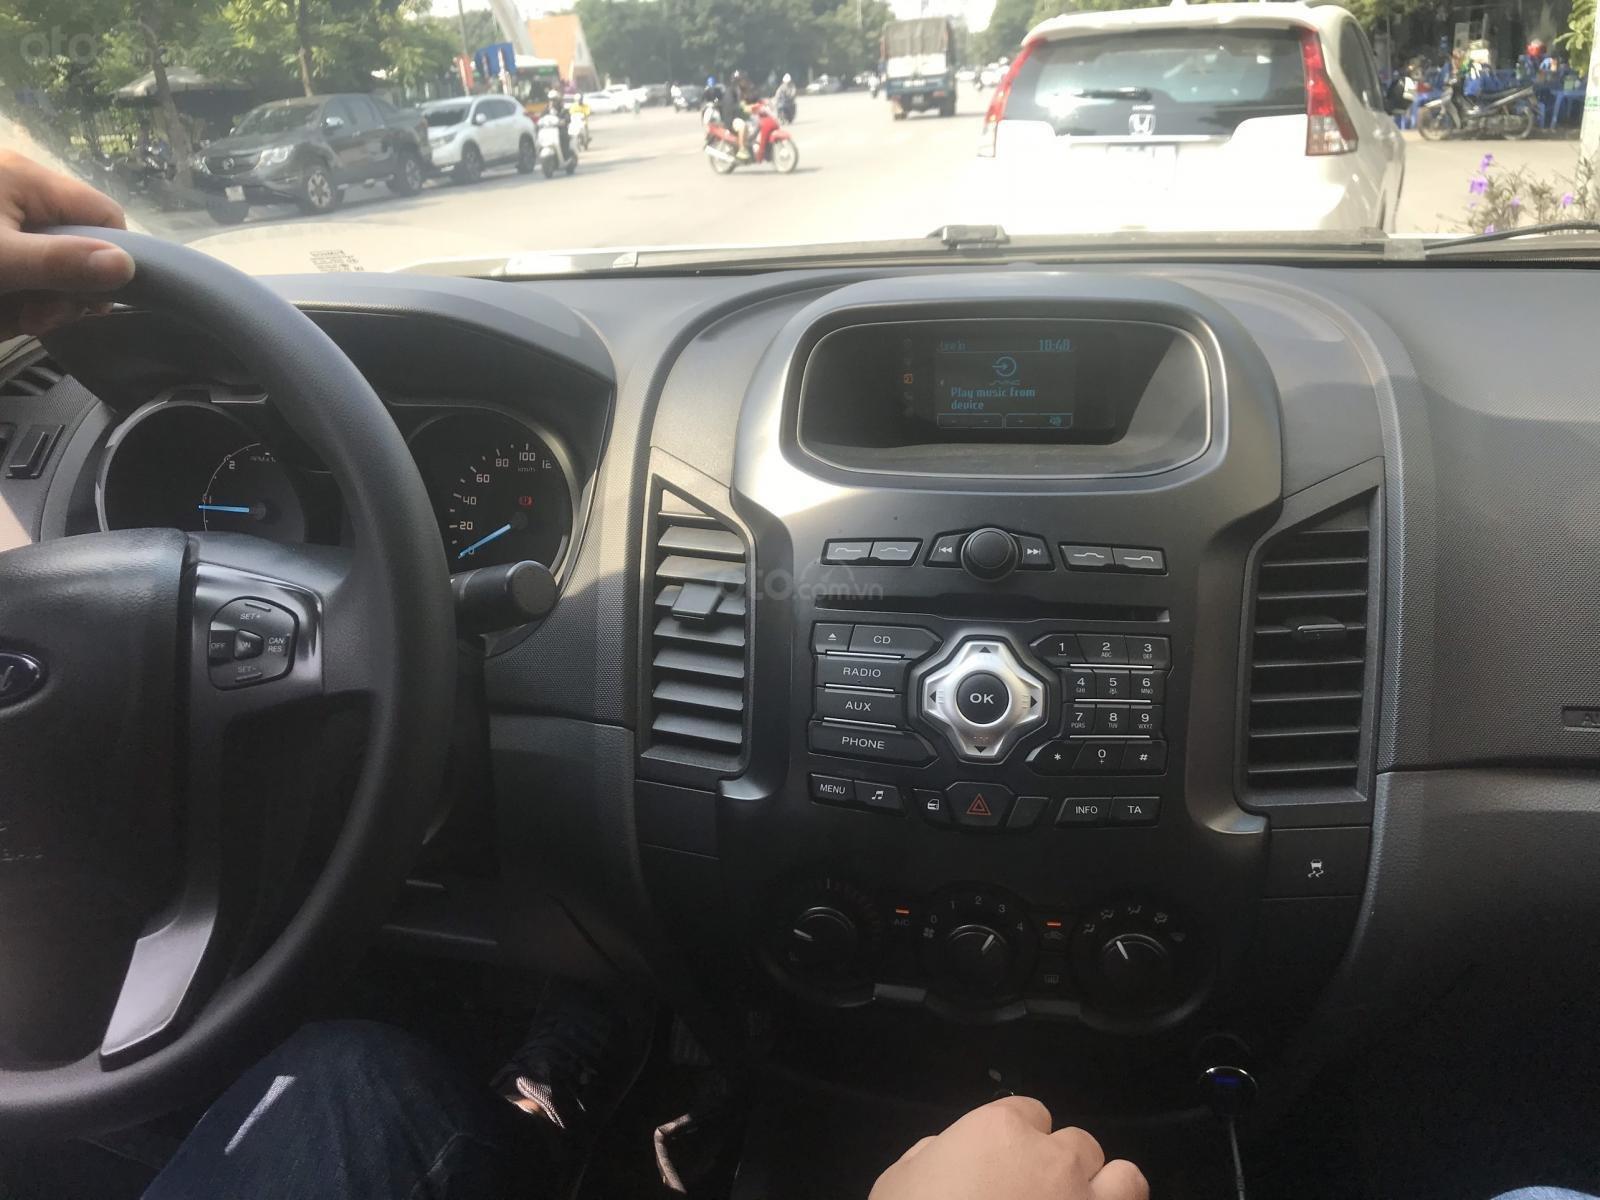 Bán ô tô Ford Ranger XLS AT sản xuất năm 2017, màu trắng, nhập khẩu bảo dưỡng định kì trong hãng LH 0967664648 (4)